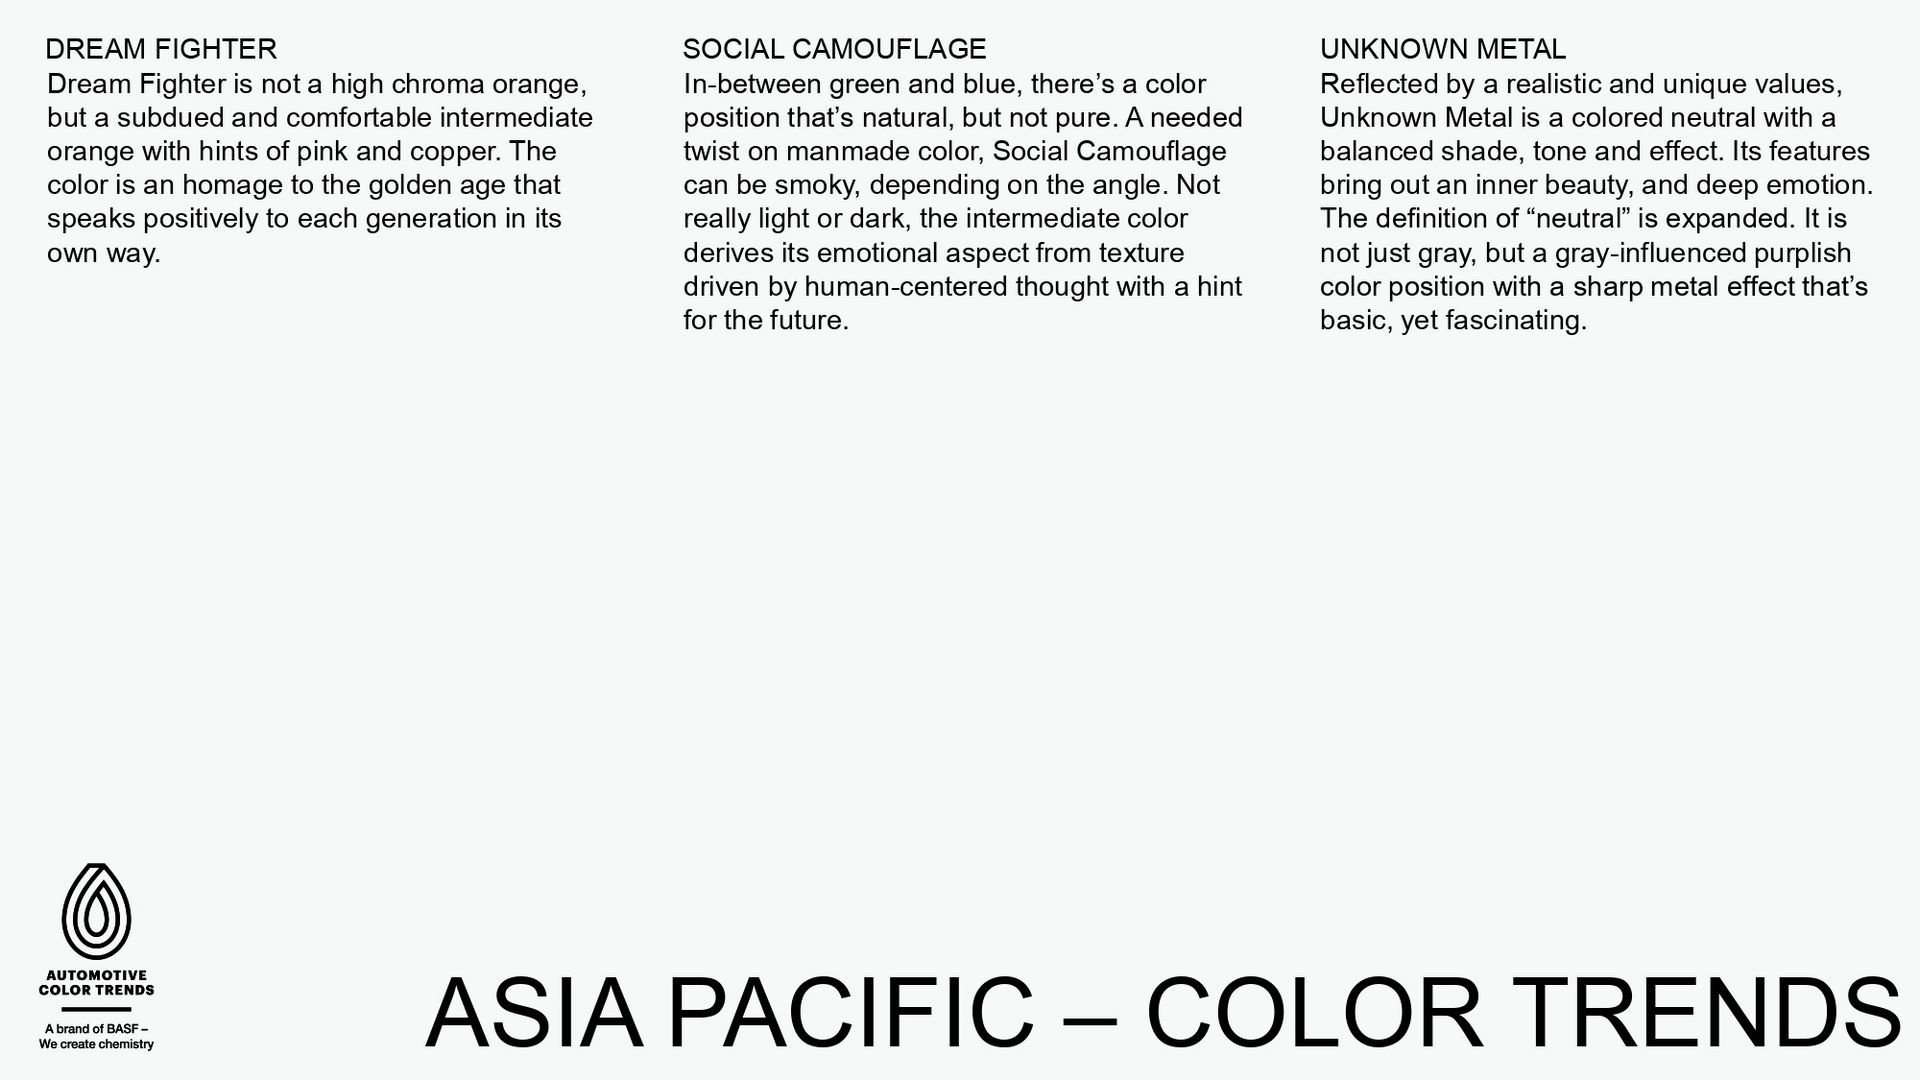 BASF-Automotive-Color-Trends-2020-2021-14